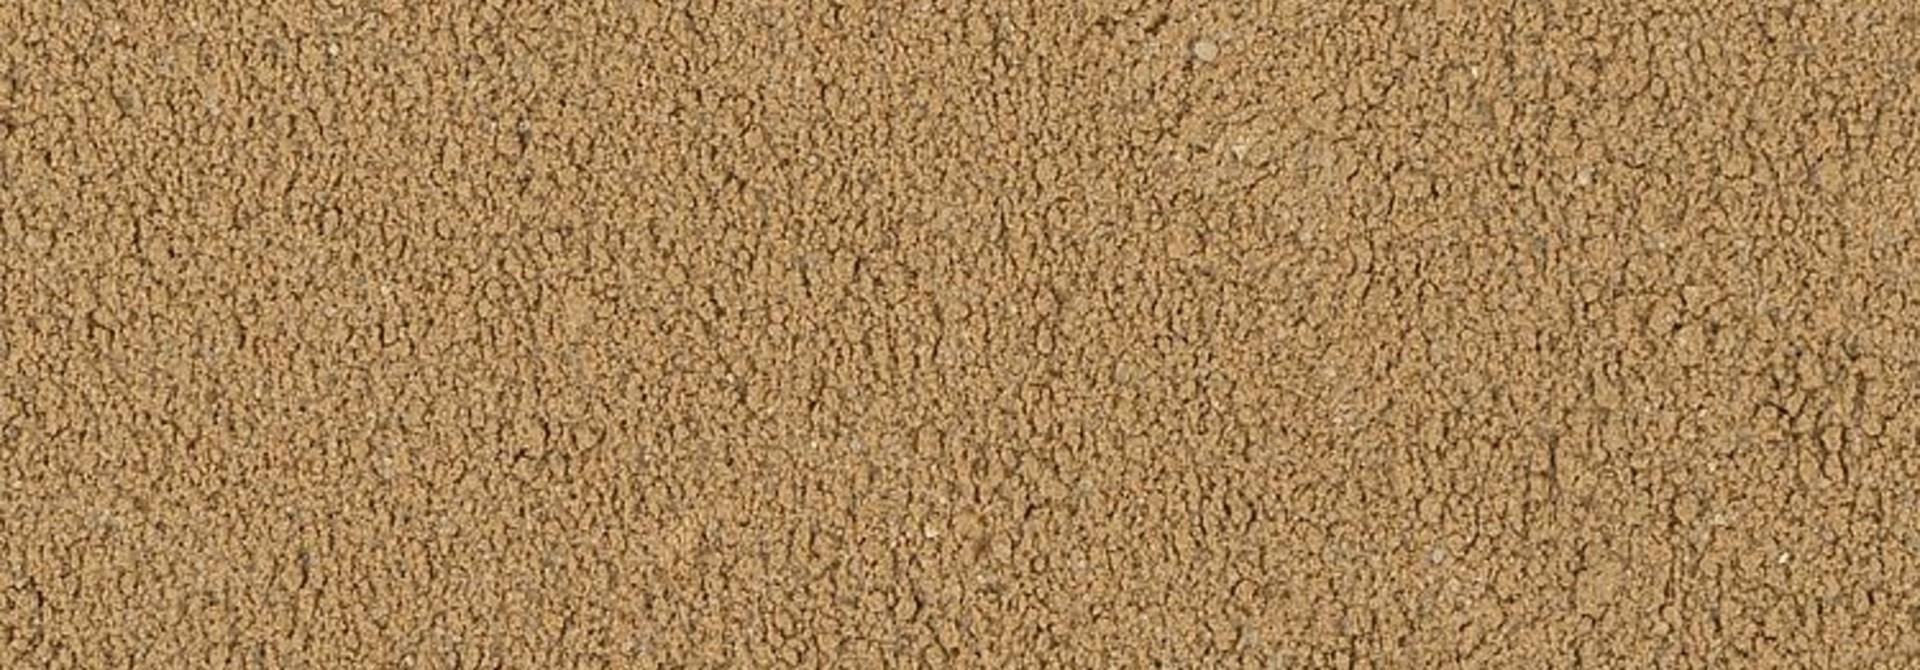 170819 Strooimateriaal, Poeder, lössondergrond, omber, 240 g